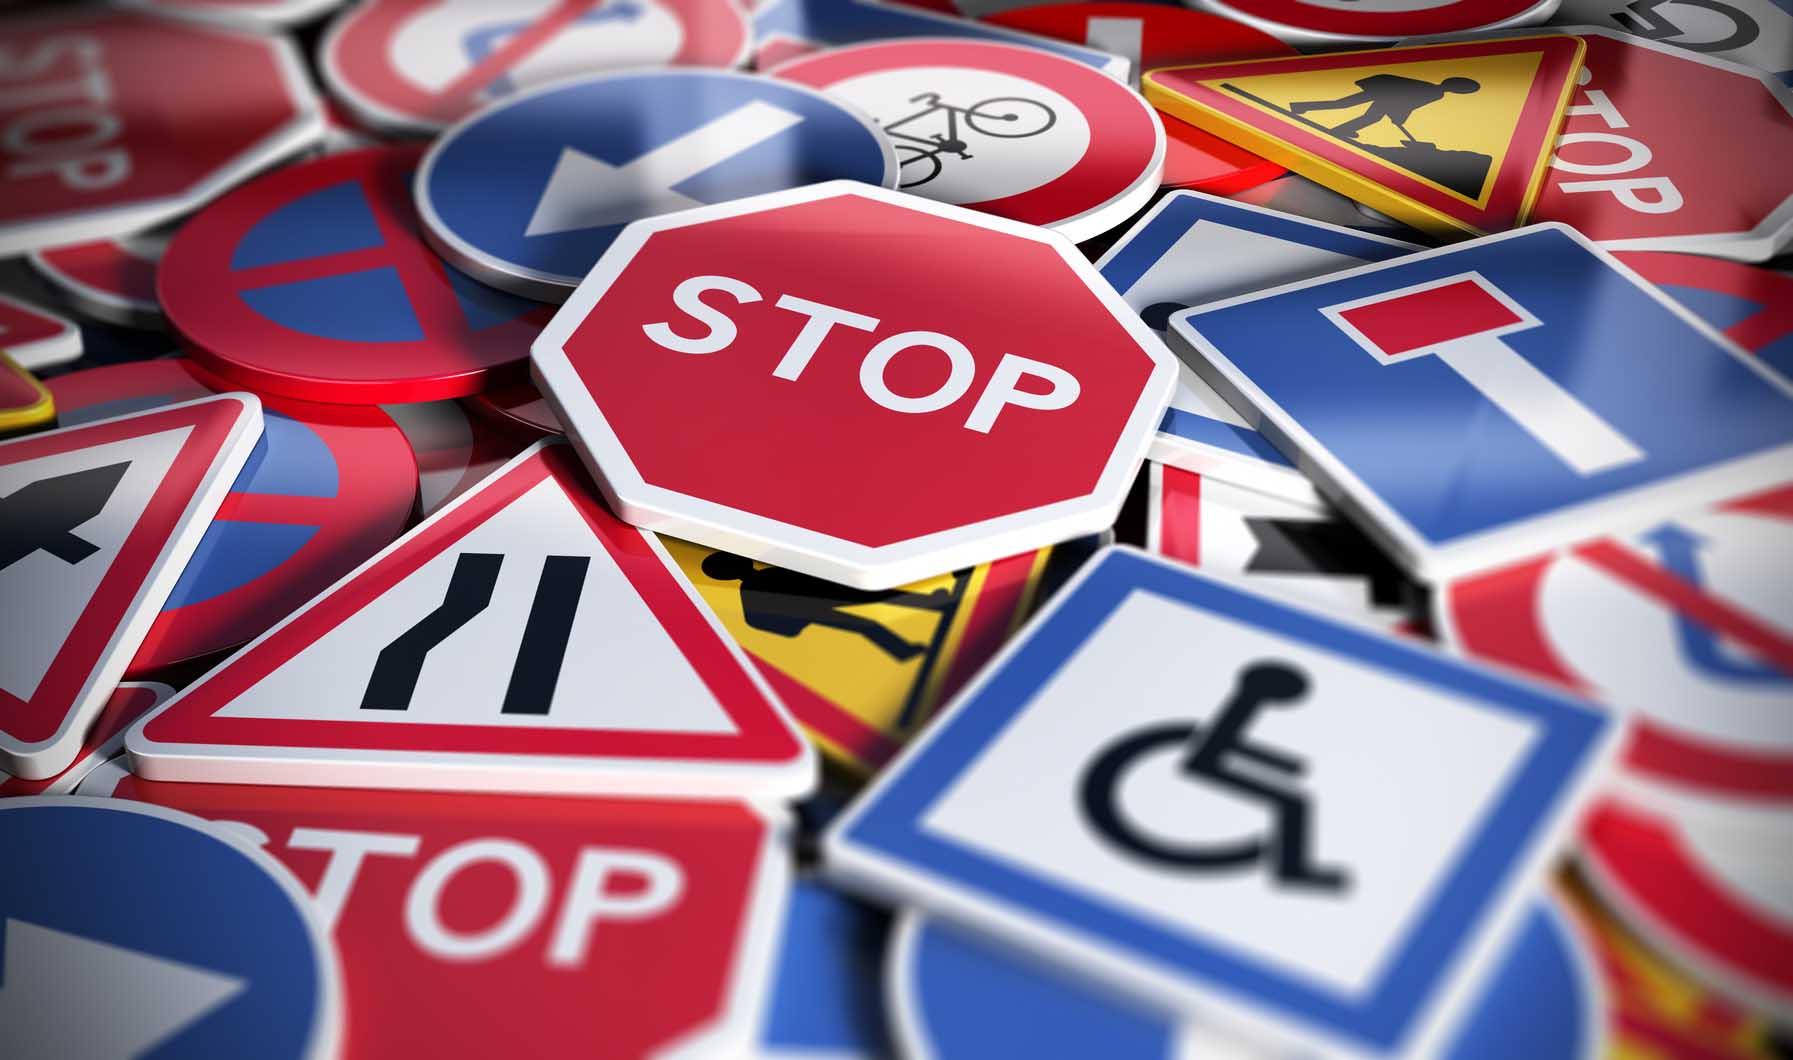 Patente e libretto non obbligatori e le altre nuove regole del codice della strada